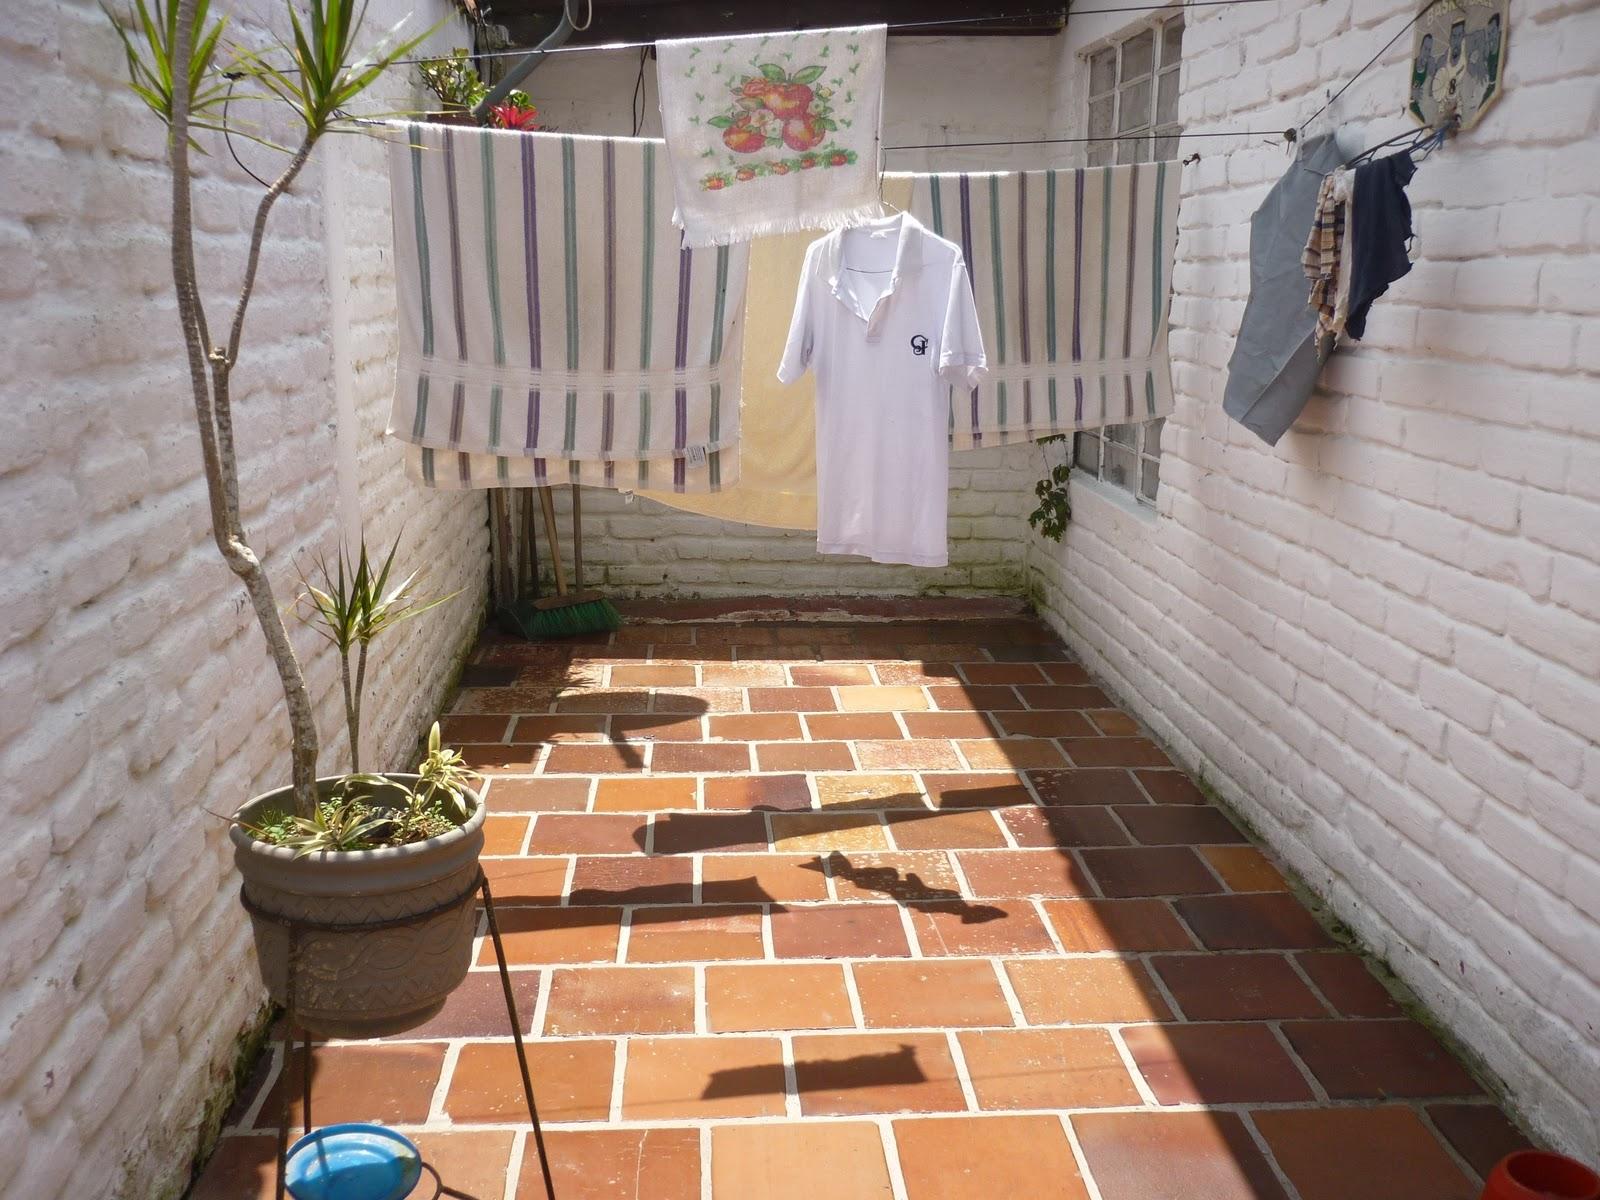 Casa dapa venta cocina patio de ropas for Cocinas para patios